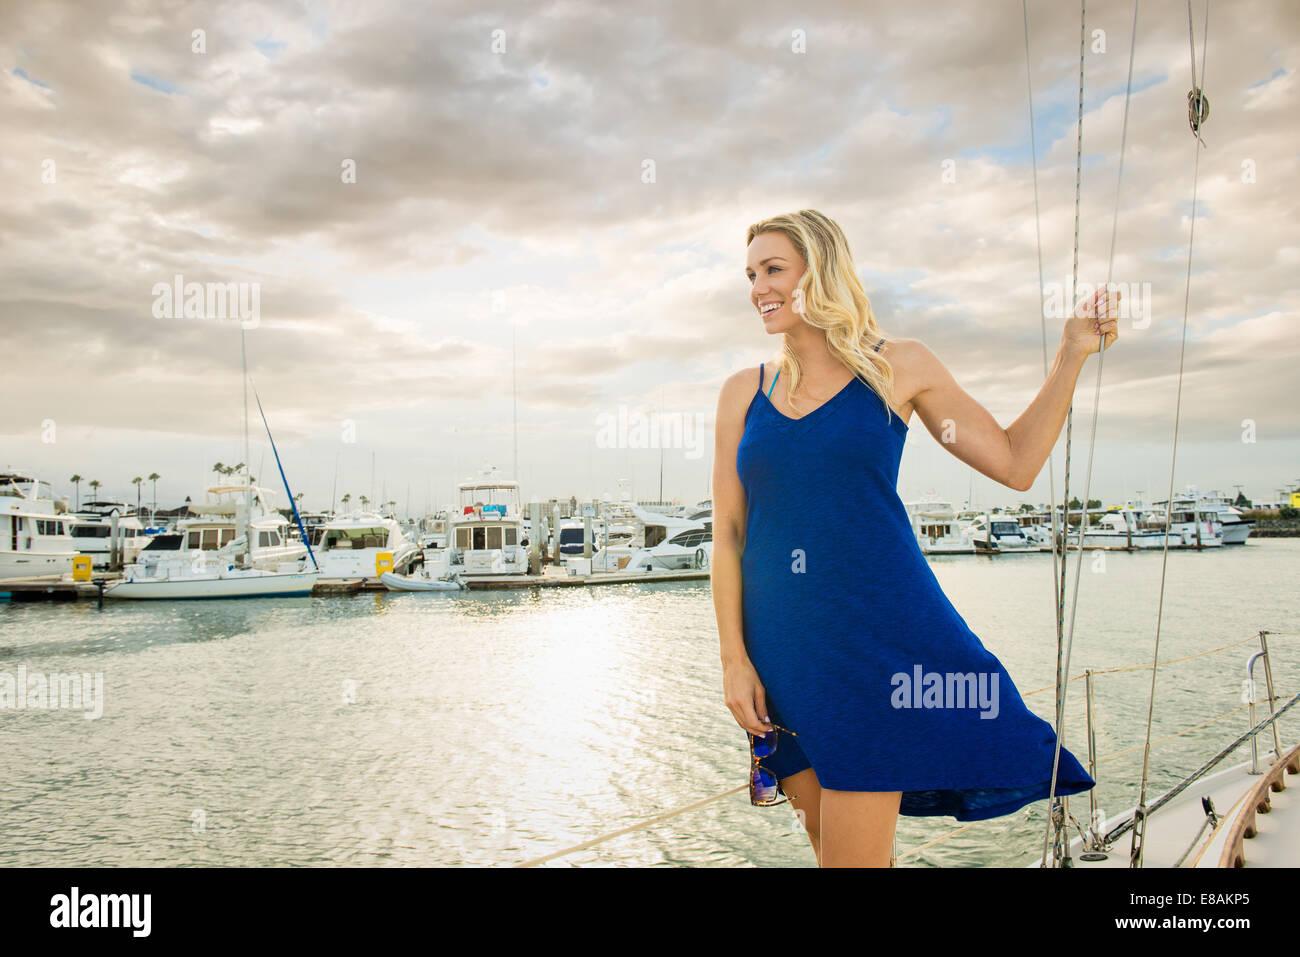 Giovane donna indossa vestito blu sulla barca a vela, ritratto Immagini Stock